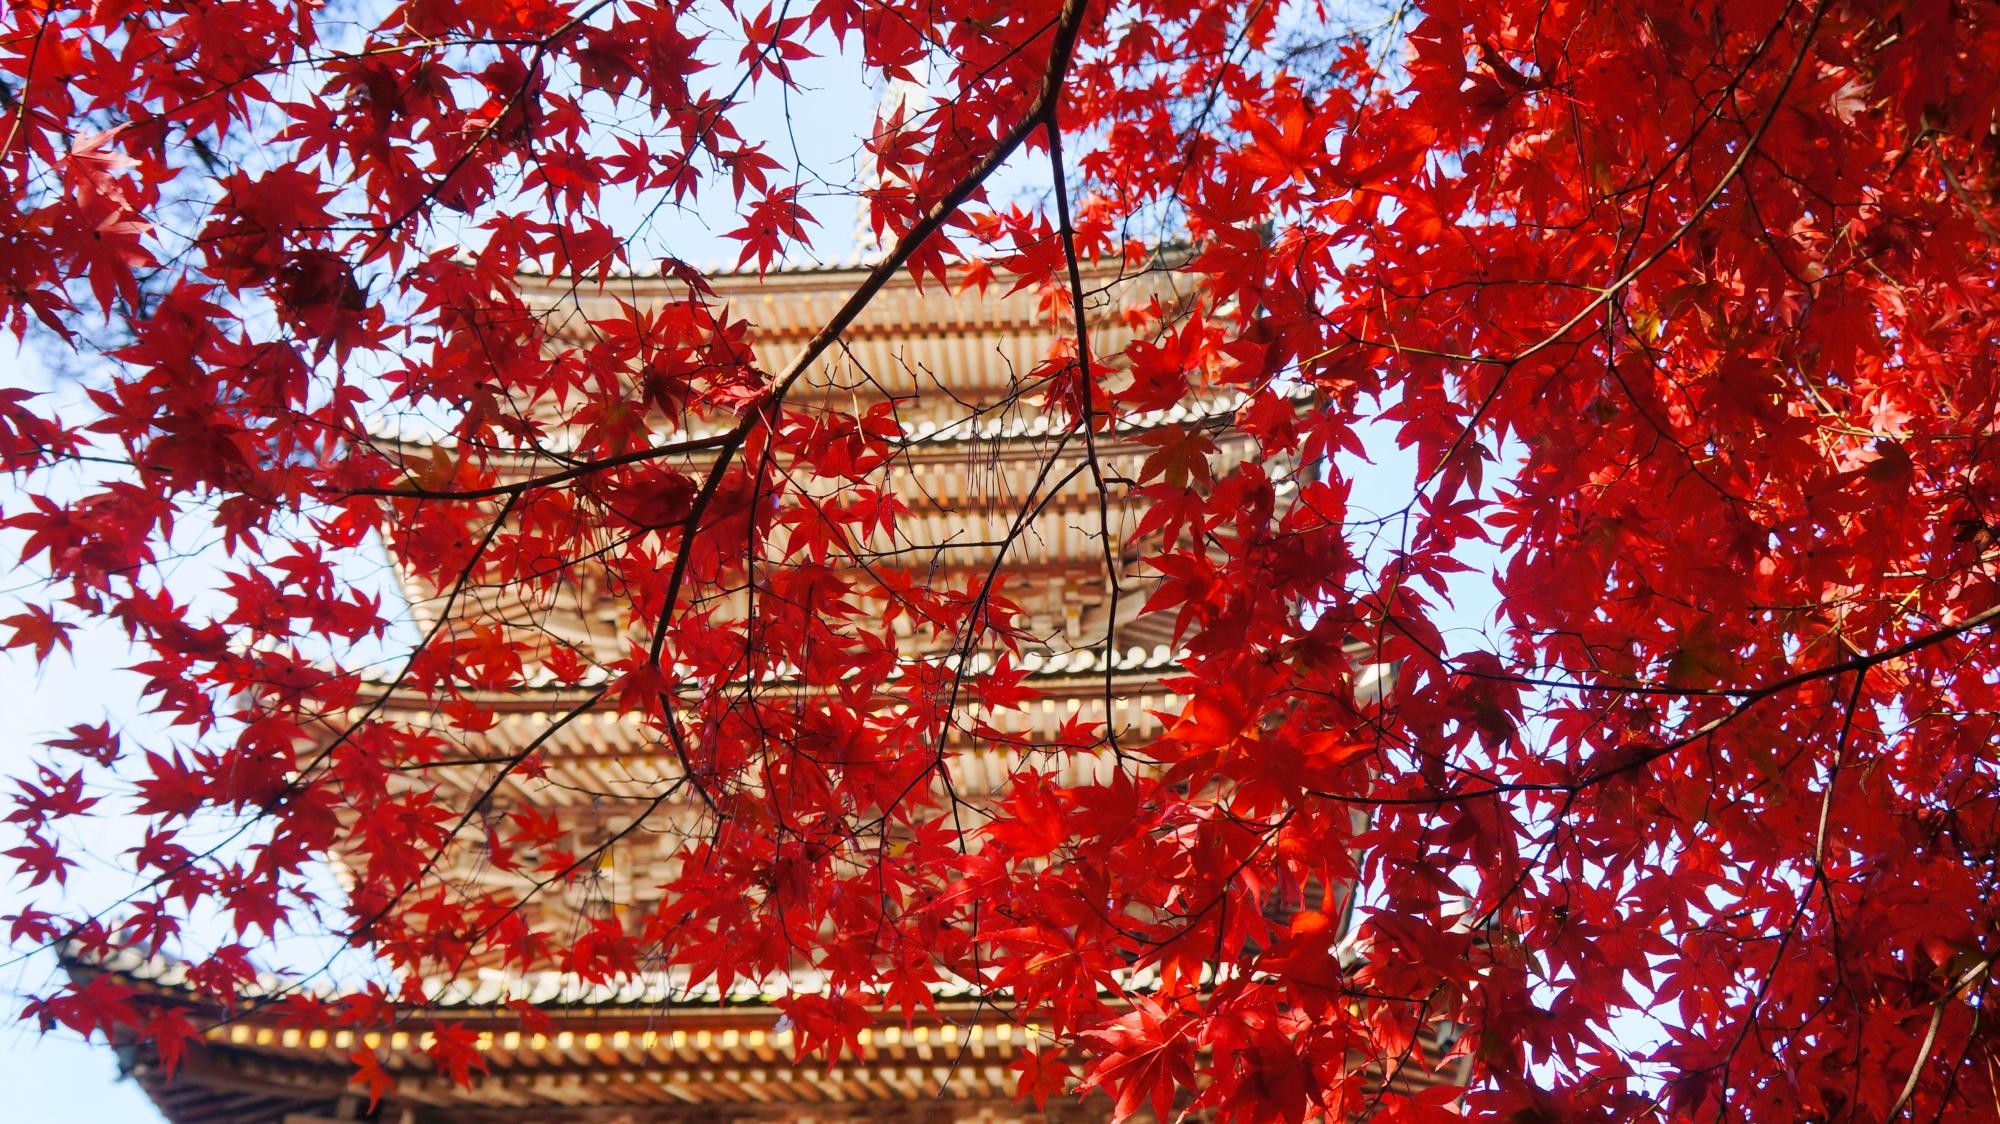 散りばめられた赤い星のように五重塔を彩る紅葉